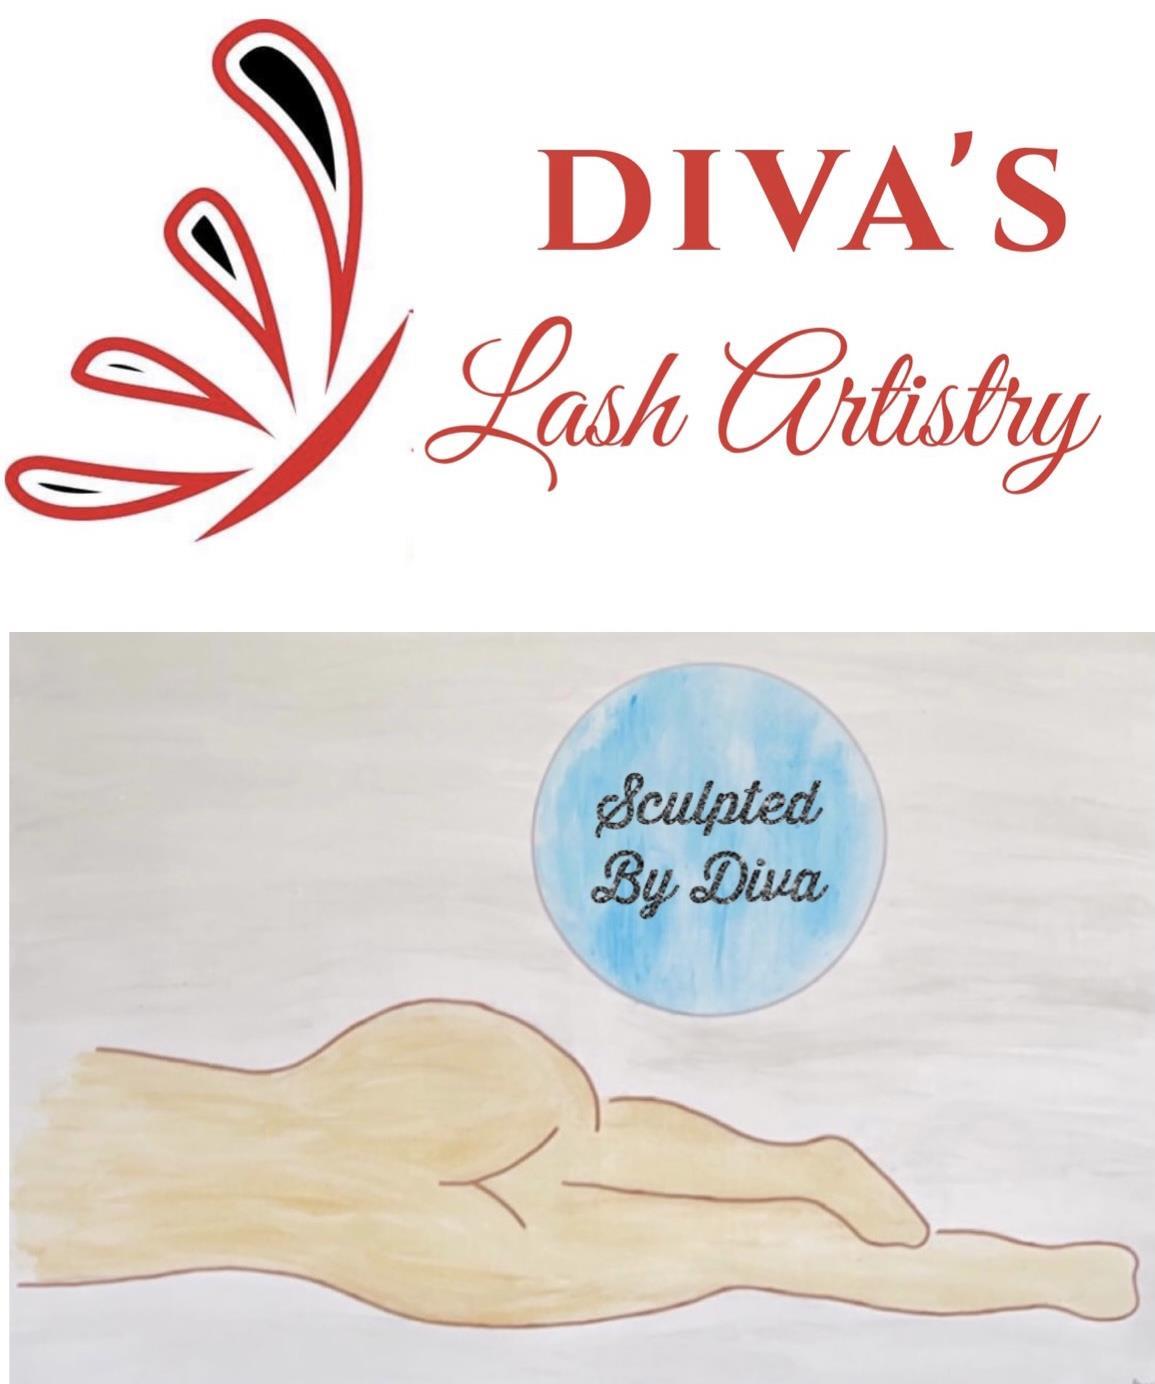 Diva's Lash Artistry & Sculpted by Diva